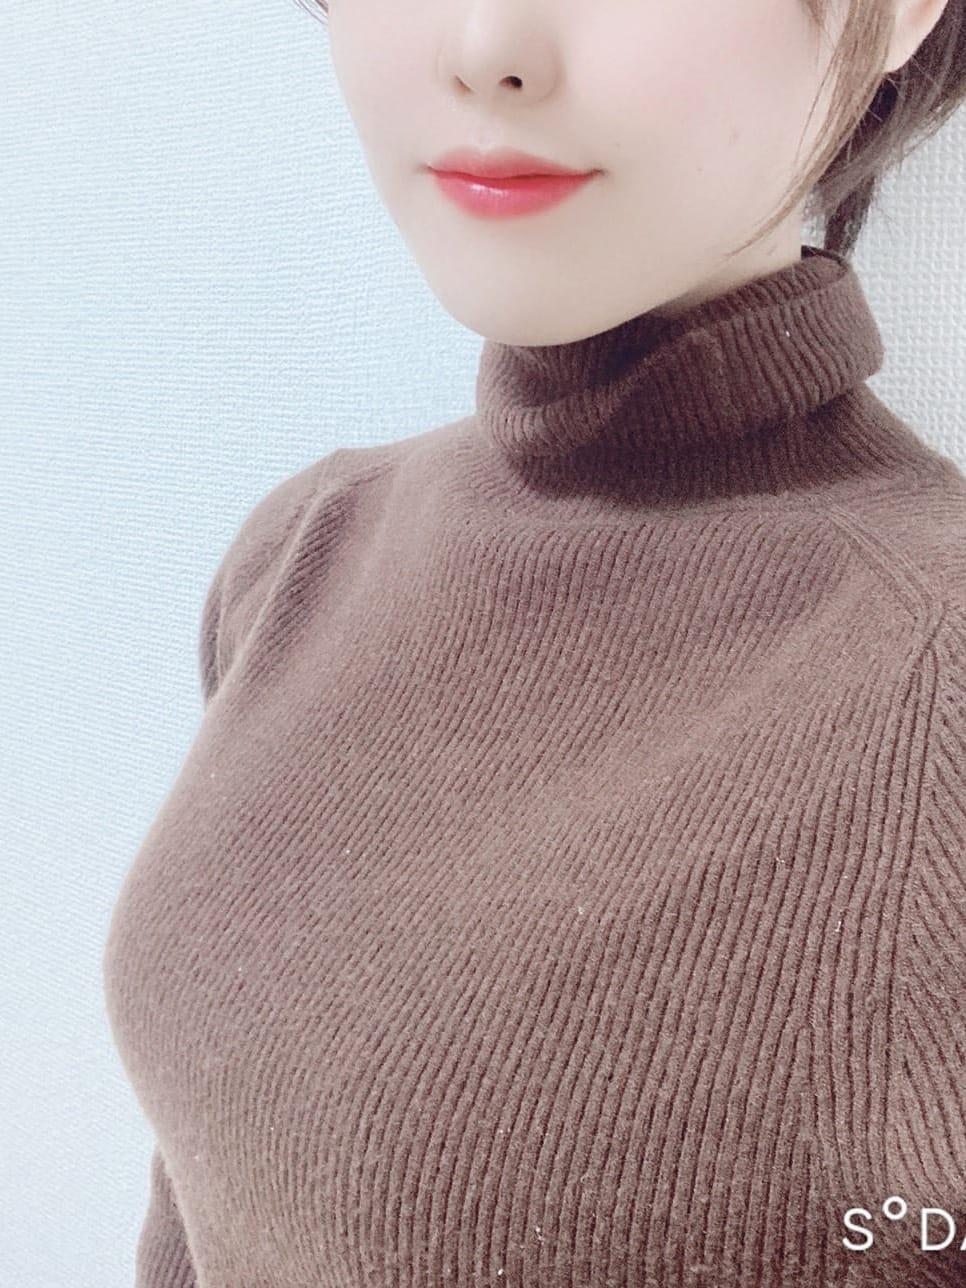 ももか【大人しい清楚感抜群の美女!】 | 博多Heart Wrap()